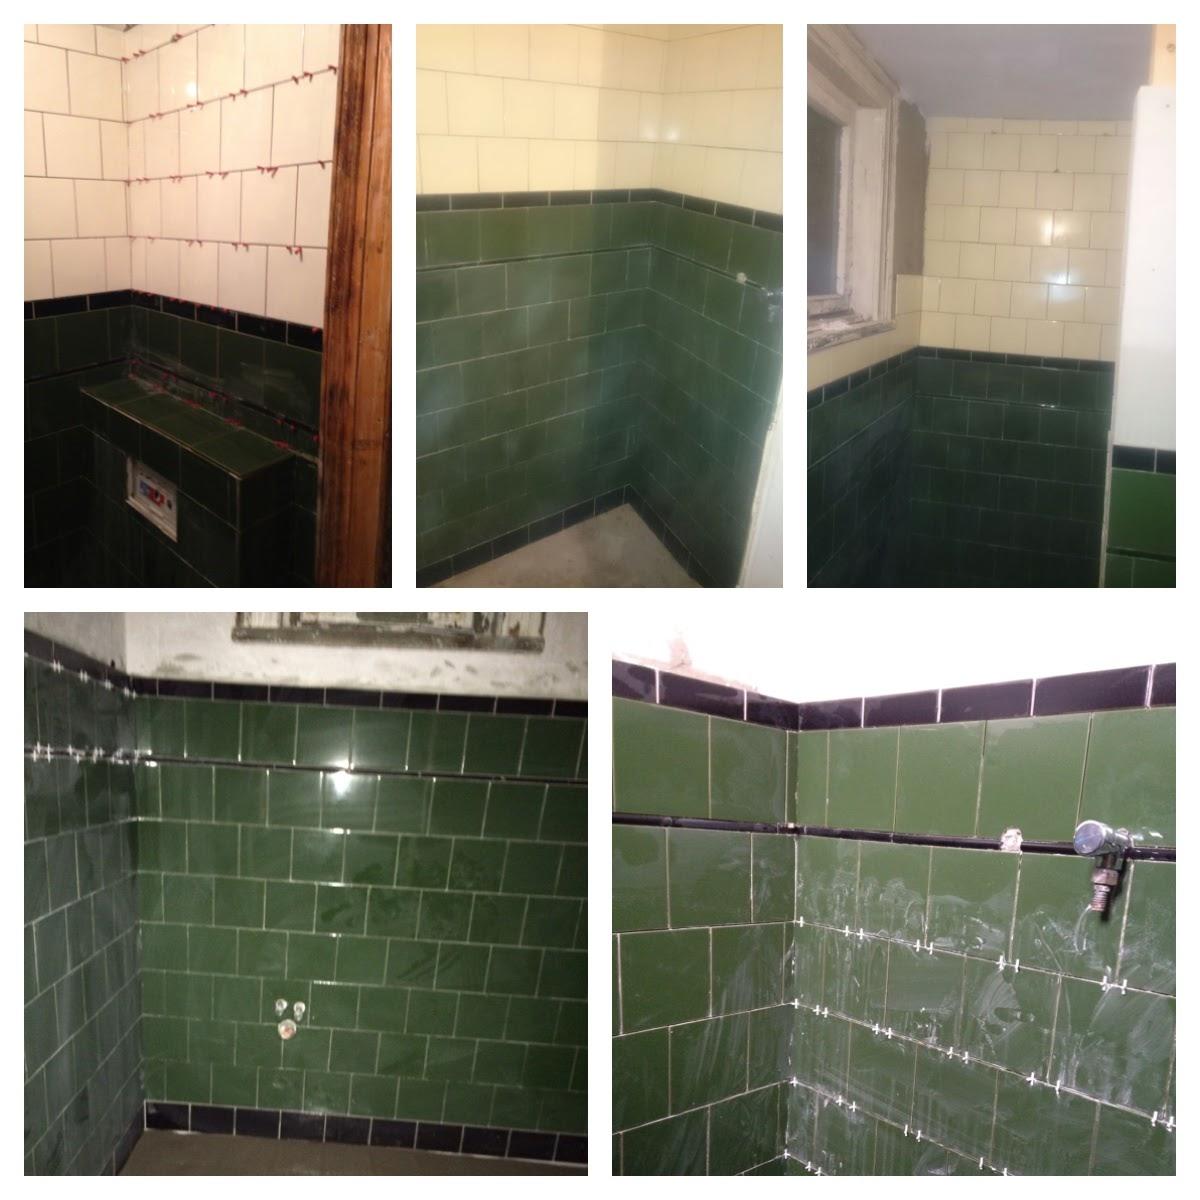 Uitzonderlijk Tegels zoeken en vinden voor de badkamer - Bouwval Gezocht en Gevonden #EQ17